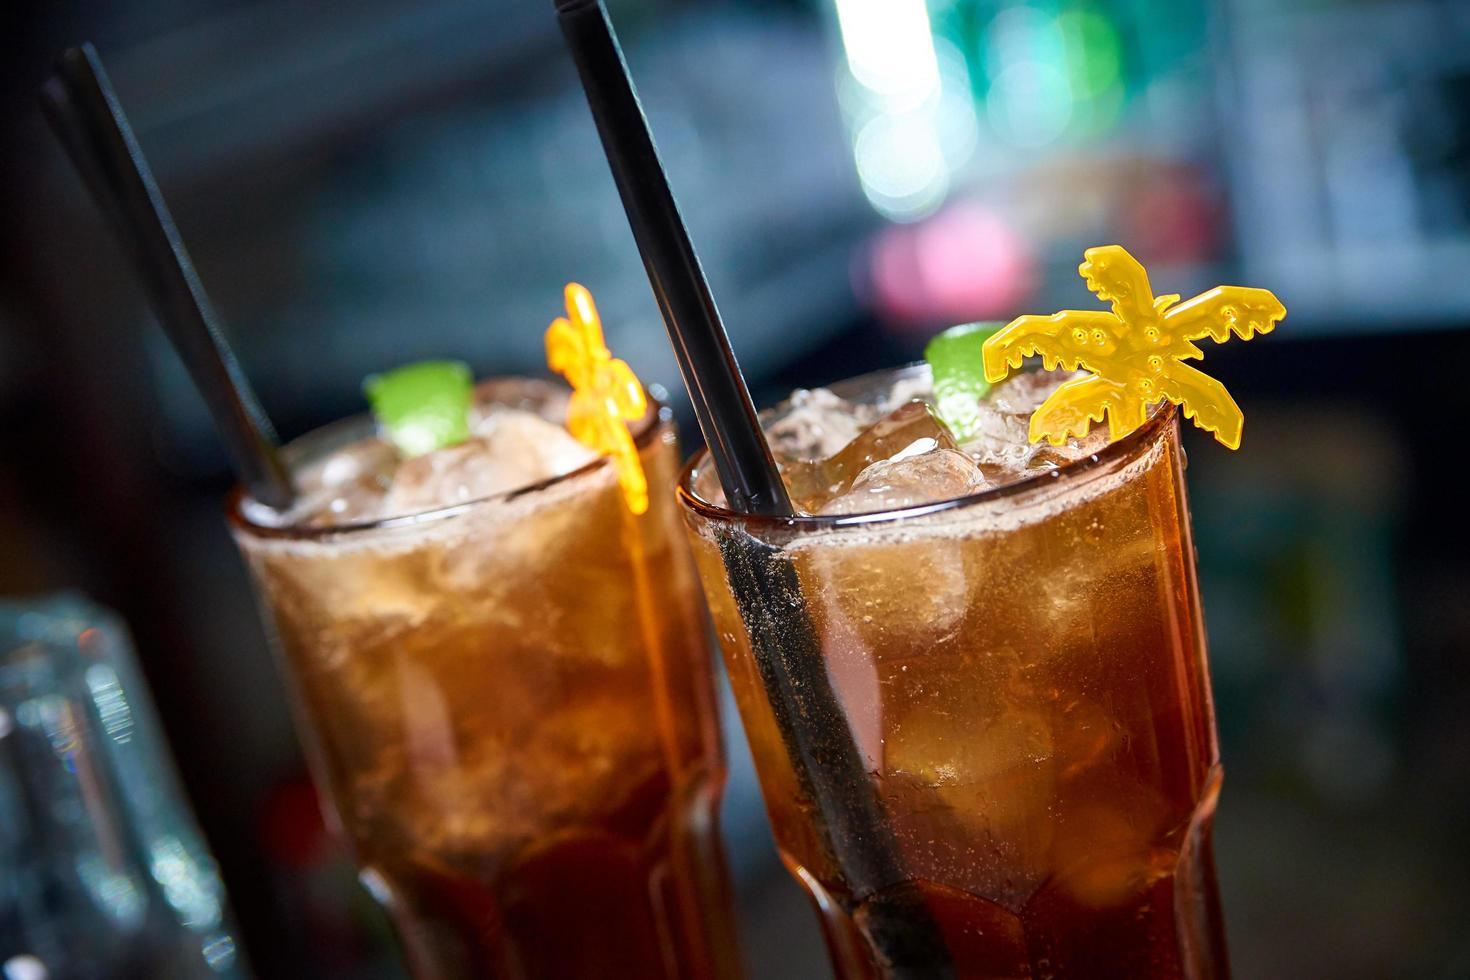 koude cocktail op een donkere achtergrond foto